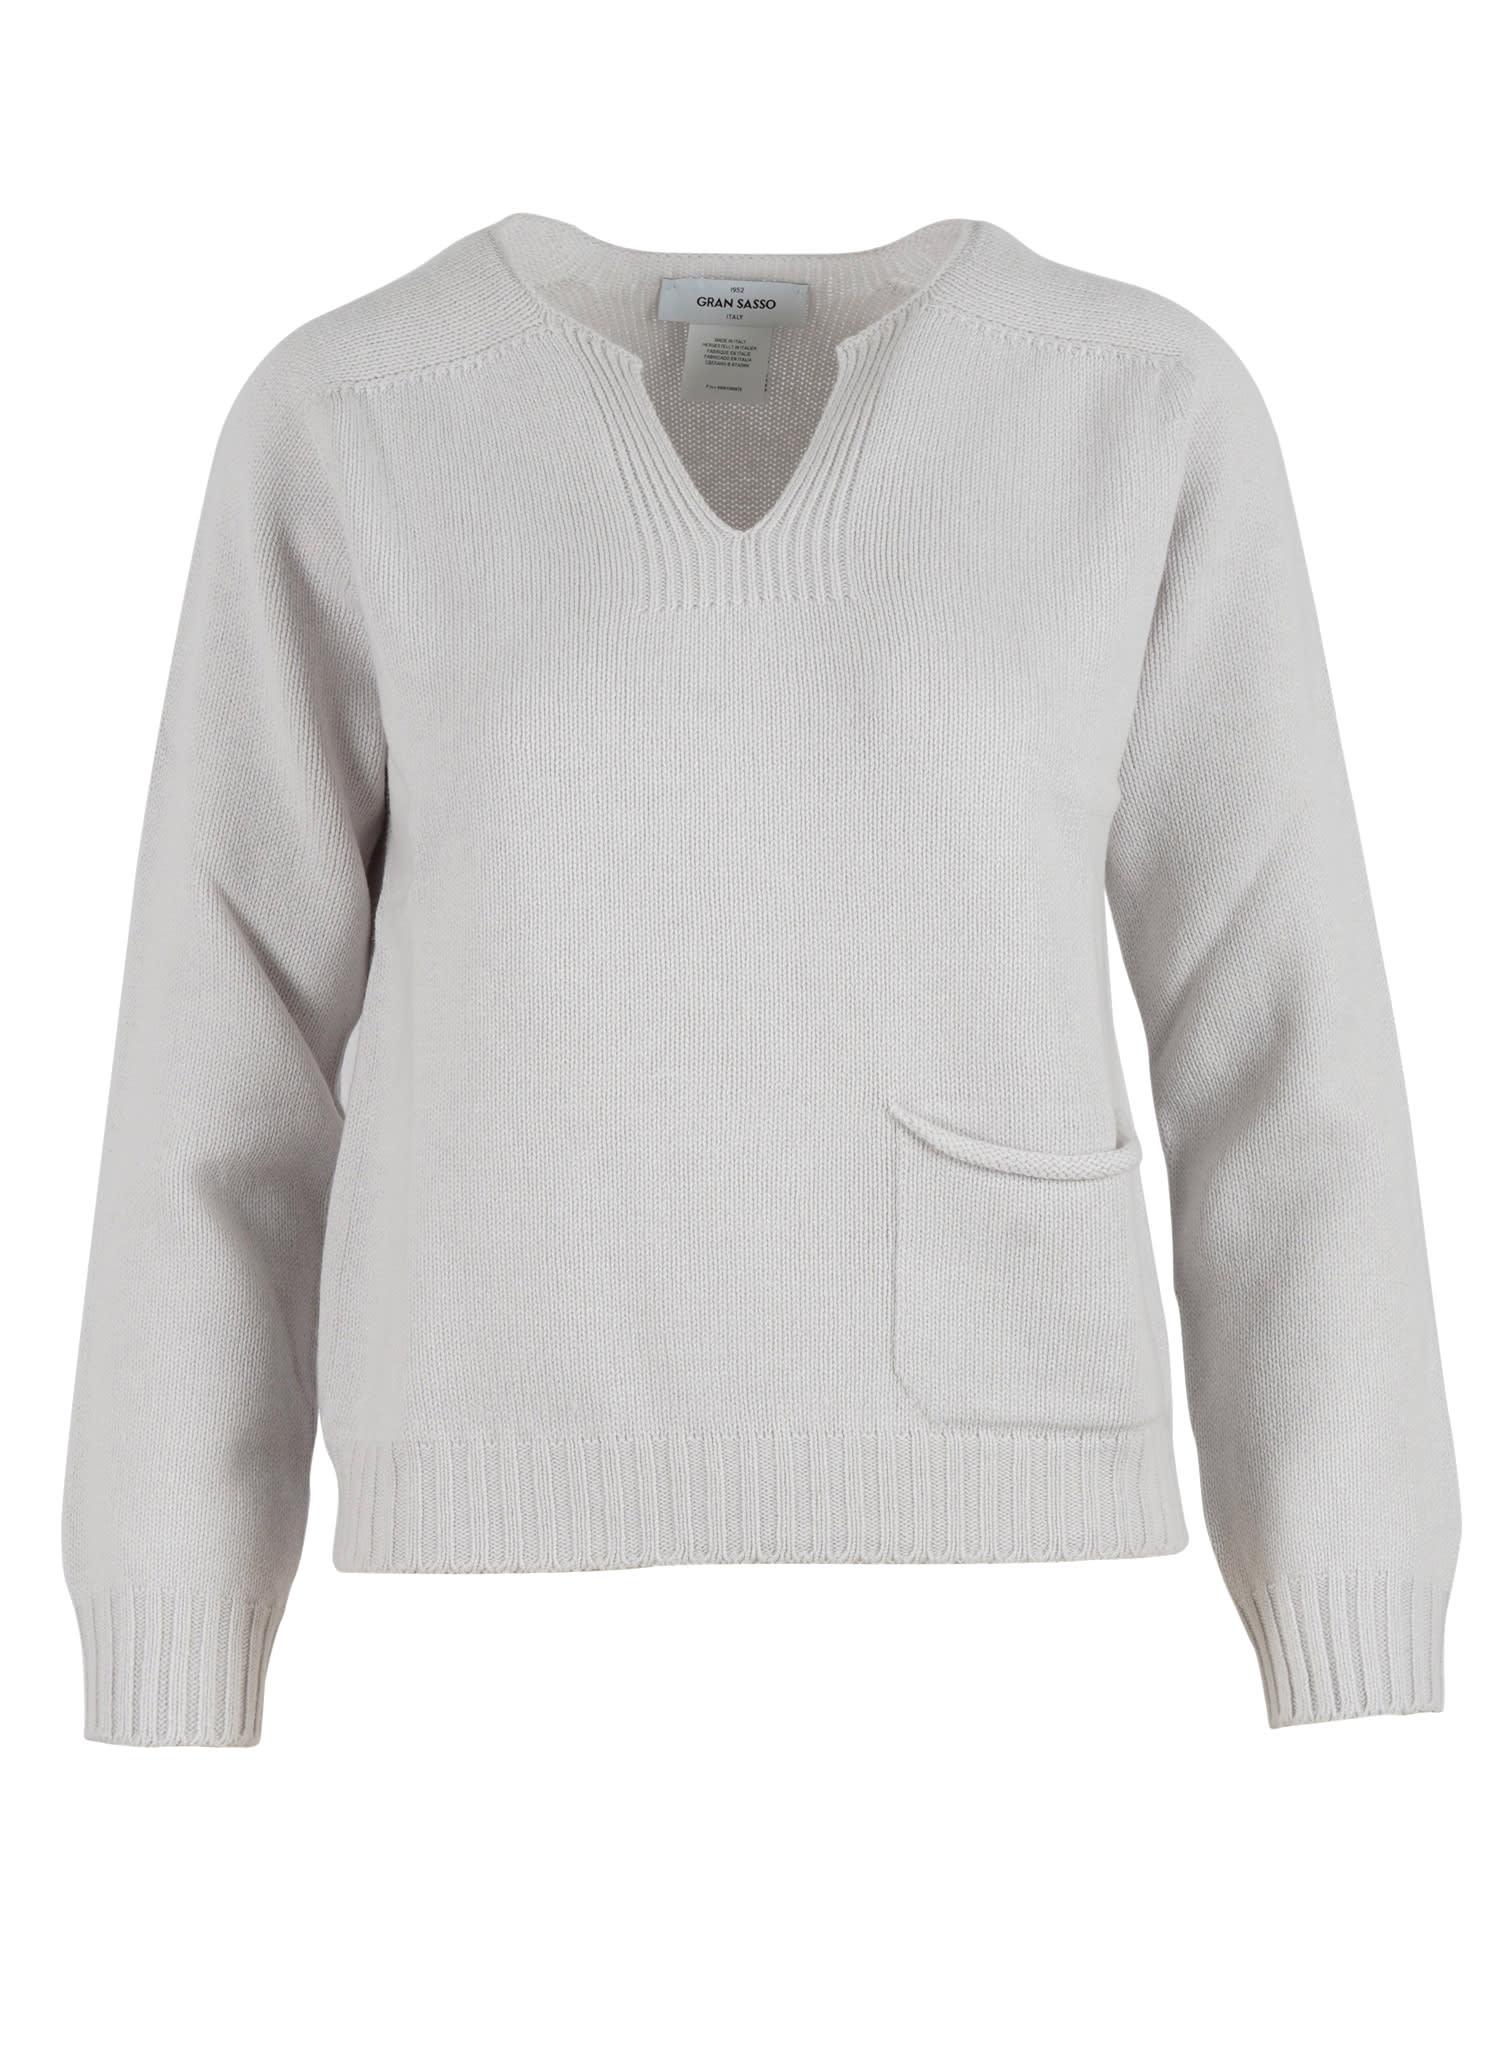 Serafino C. Tasca Top-wear